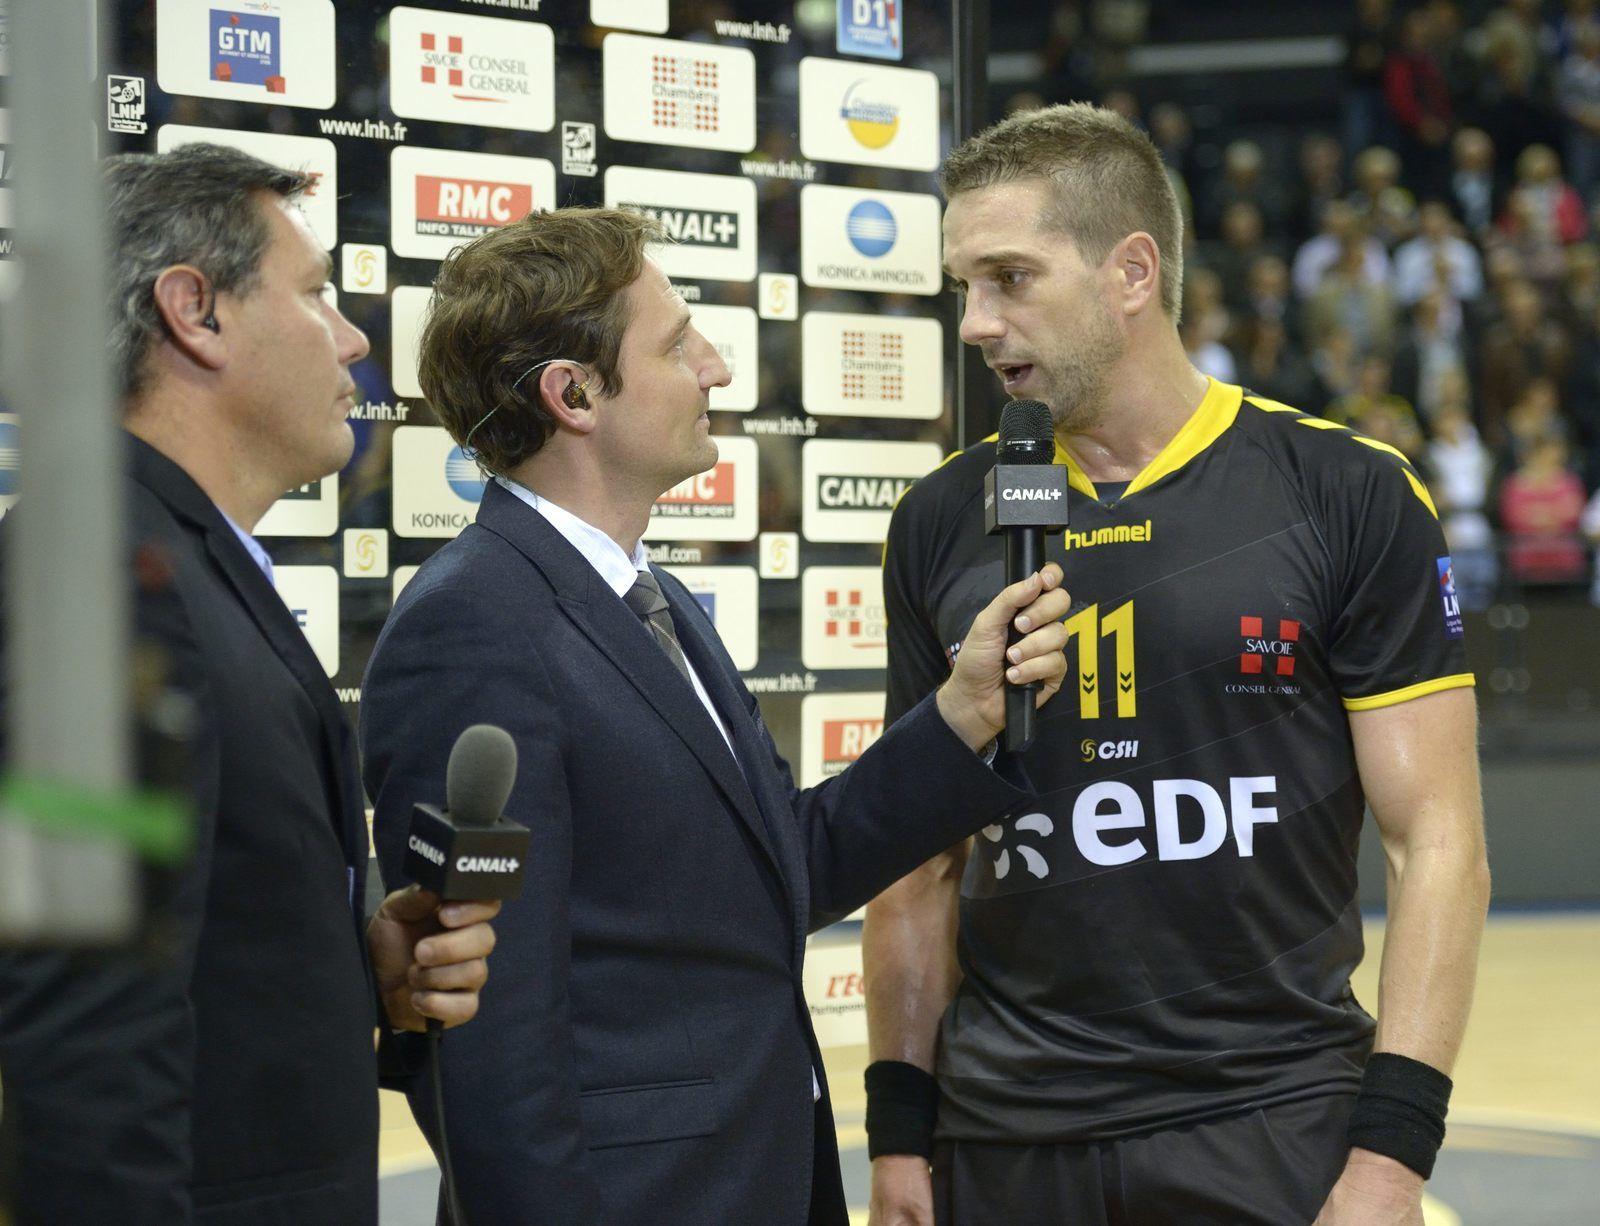 Guillaume GILLE répond aux questions de la Fédération Francaise de Handball